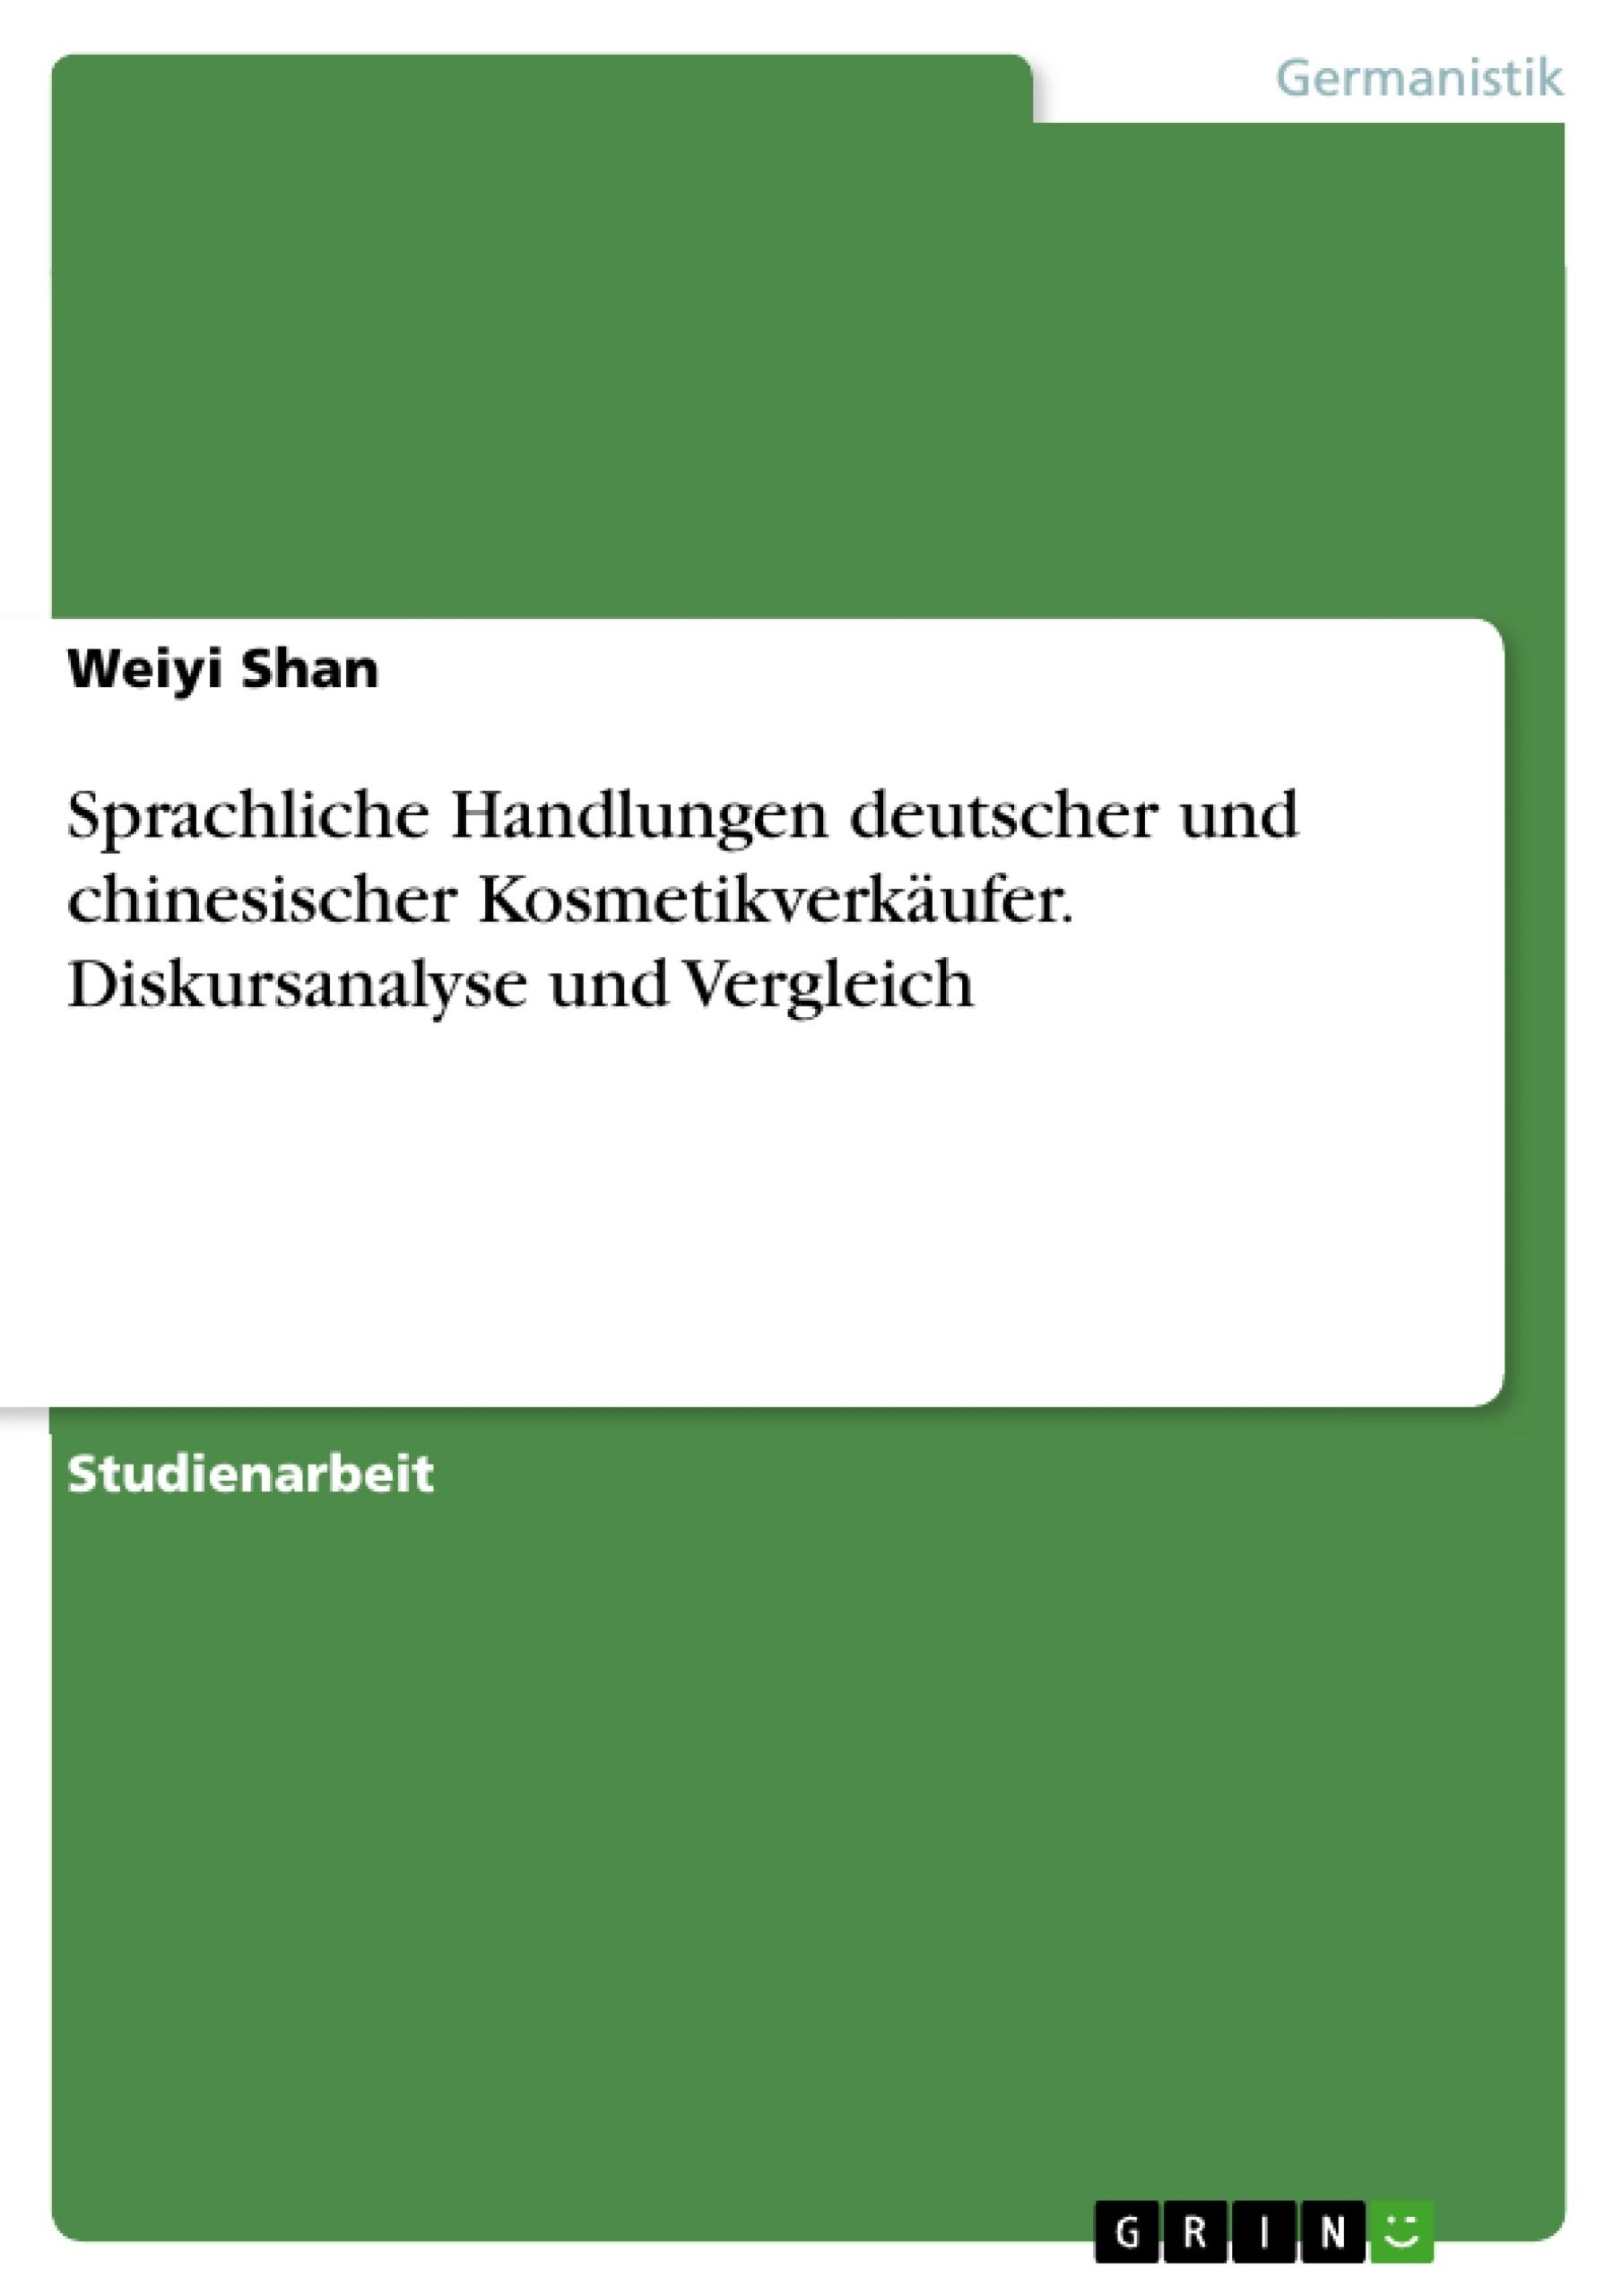 Titel: Sprachliche Handlungen deutscher und chinesischer Kosmetikverkäufer. Diskursanalyse und Vergleich